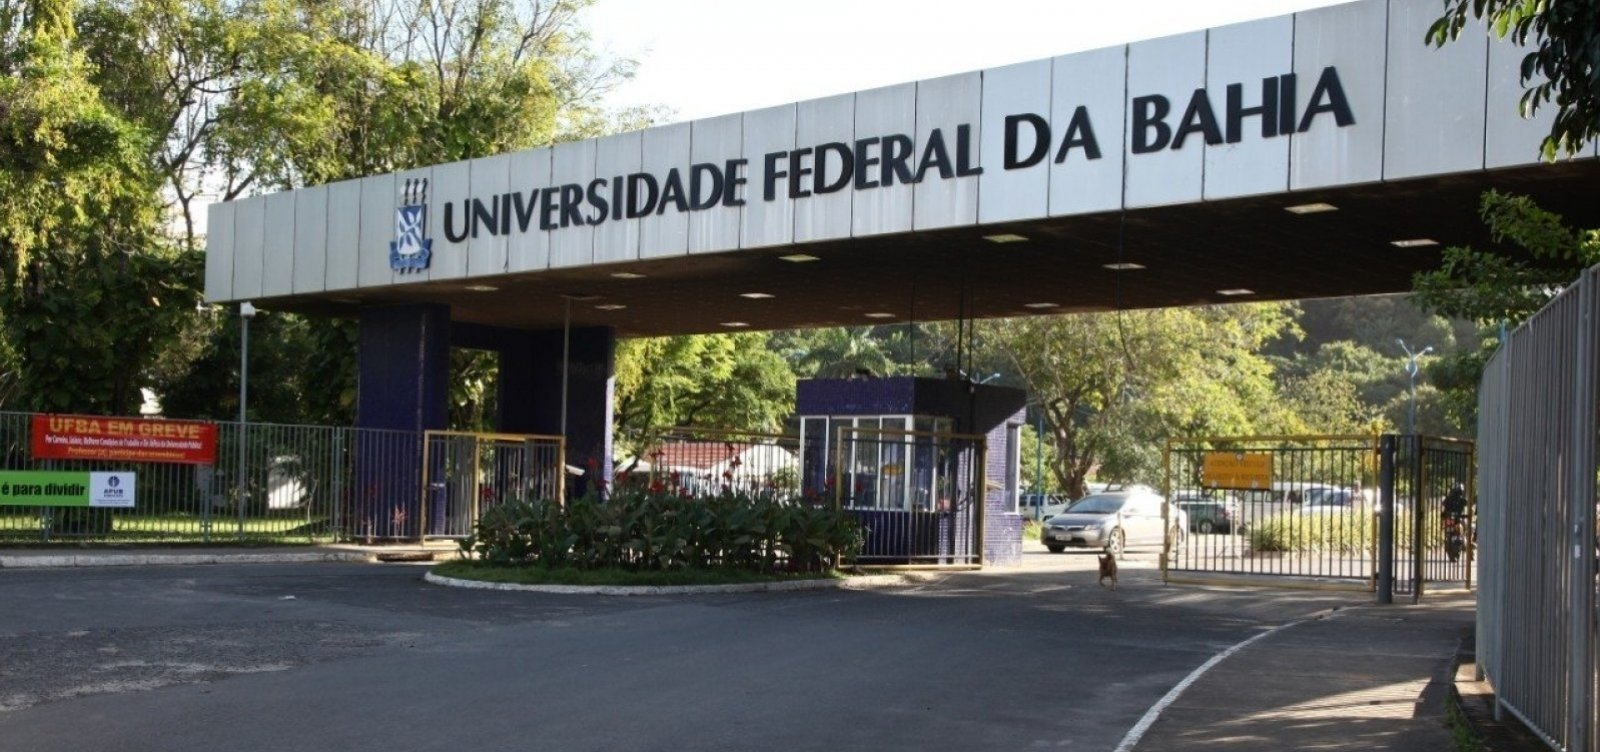 [Mais de 80 bolsas em universidades federais na Bahia foram bloqueadas]